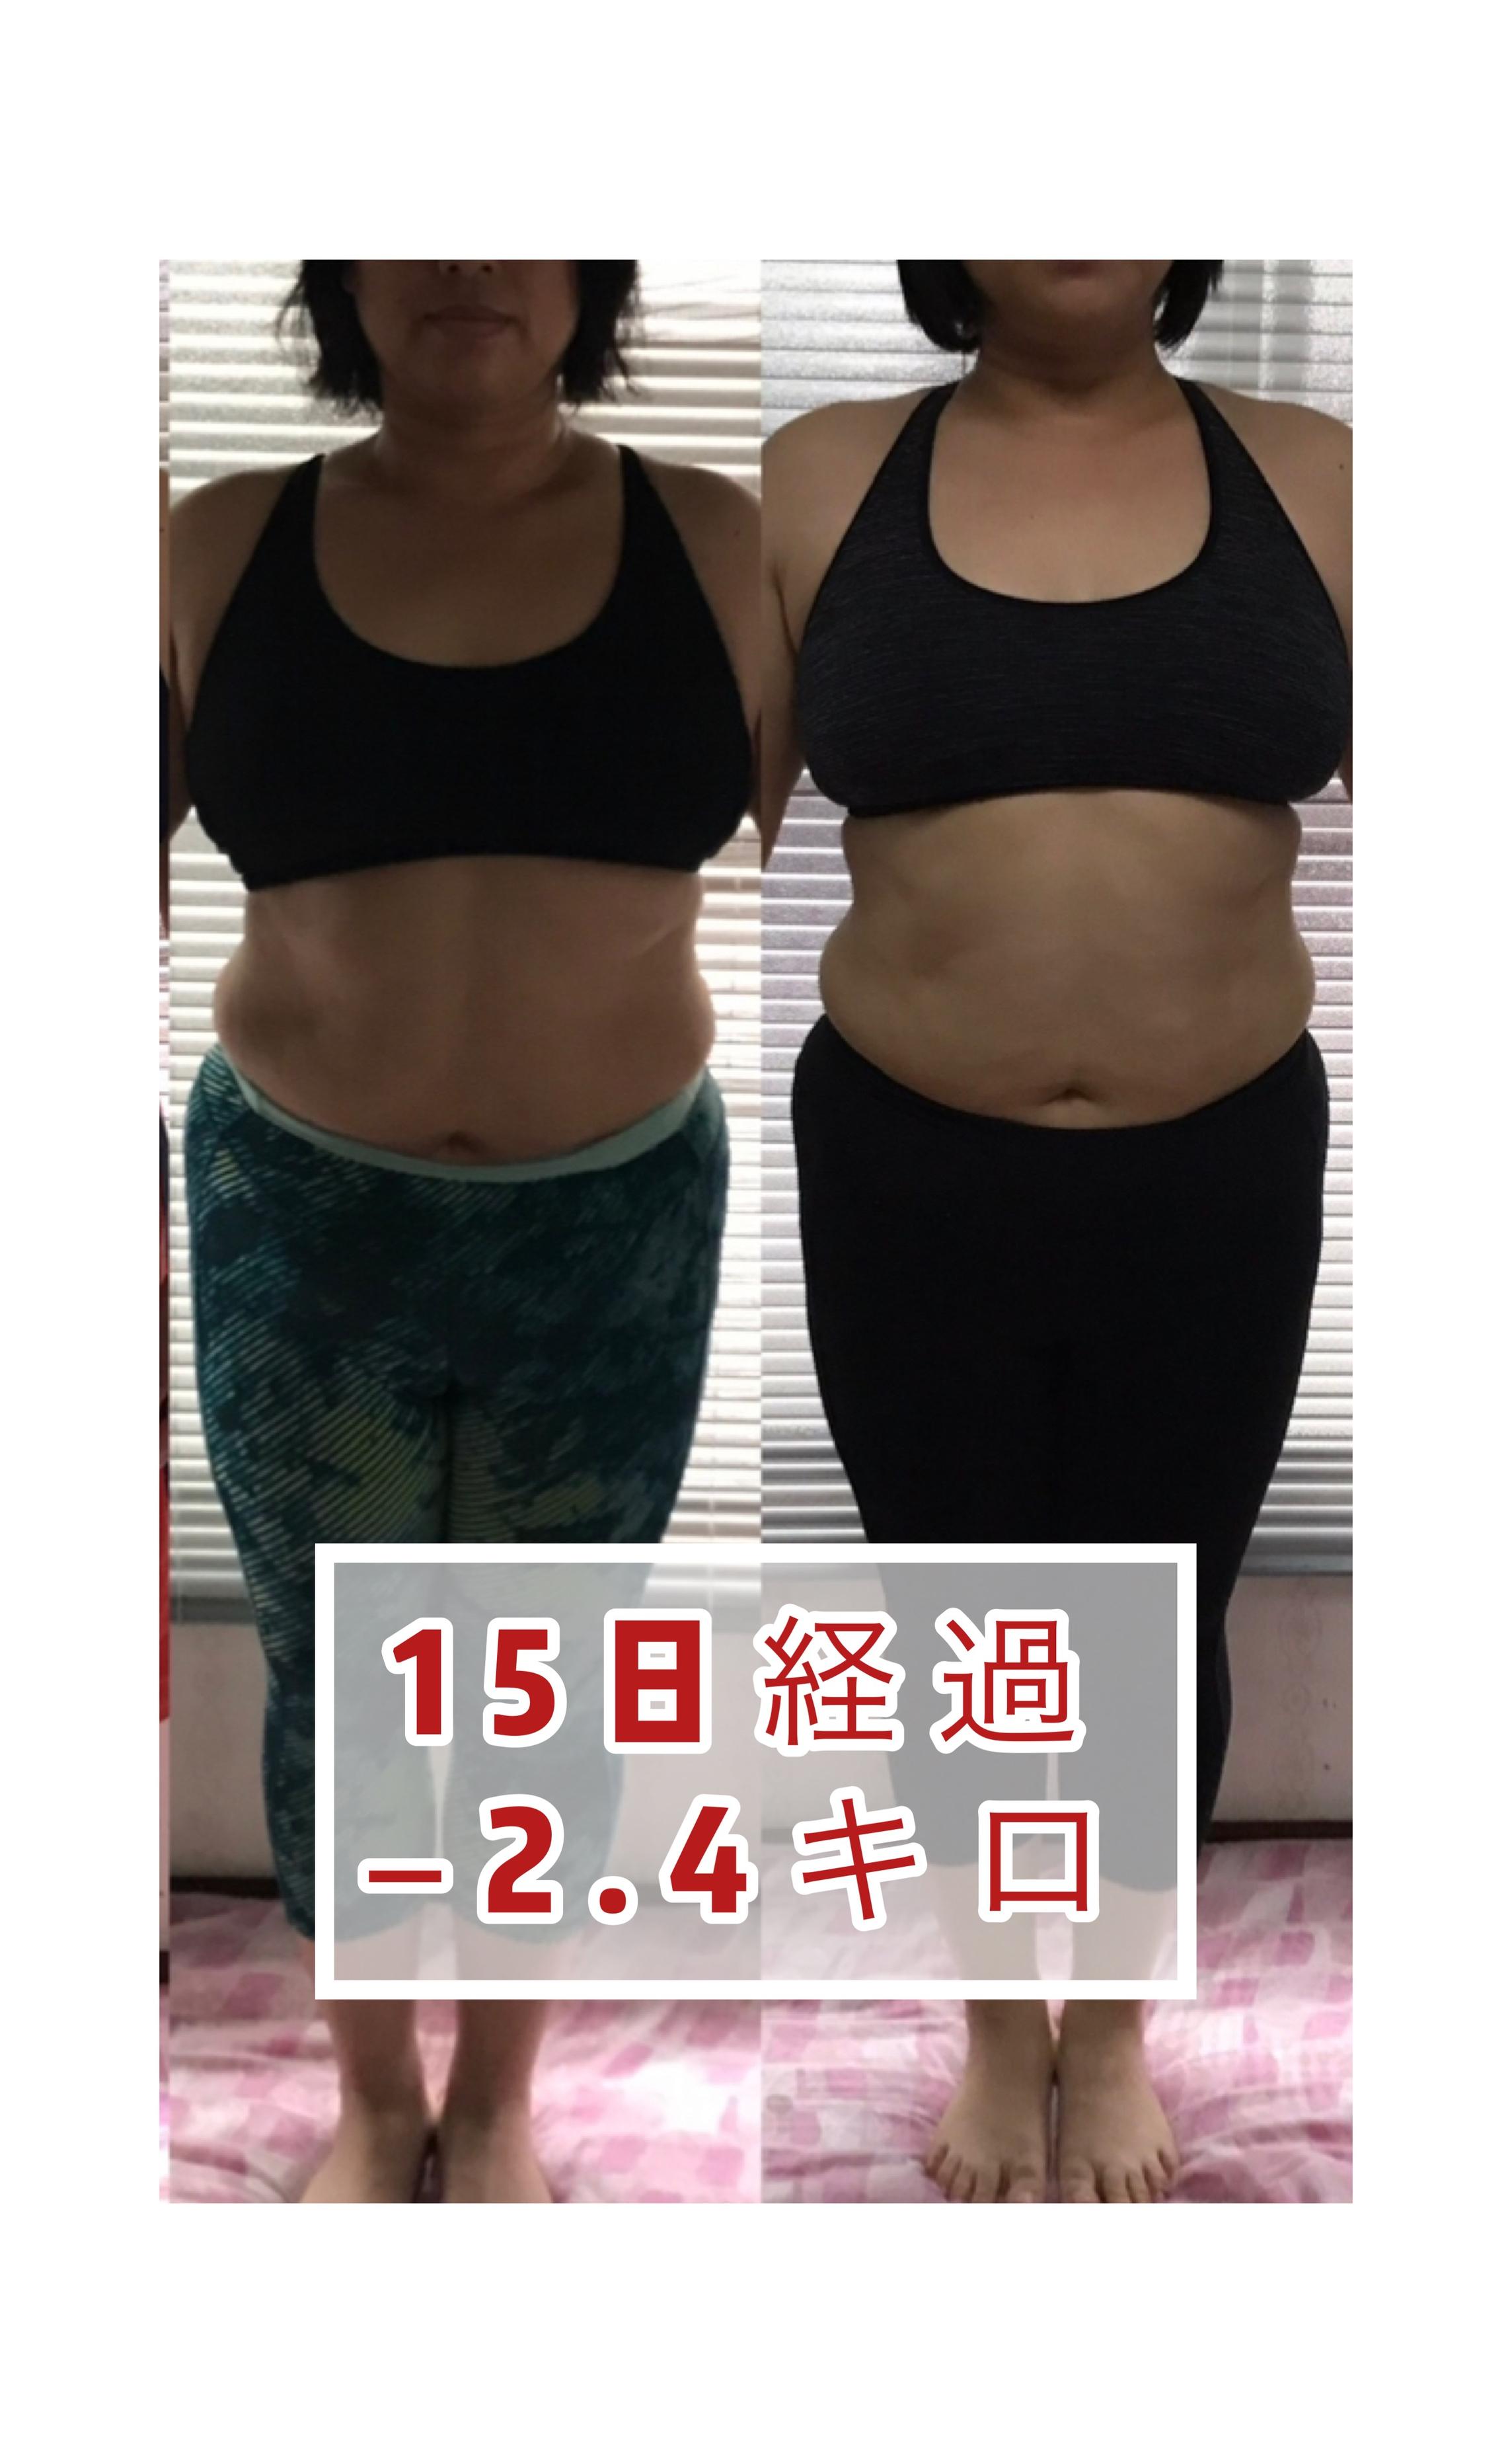 Waitless(ウェイトレス) ダイエット プログラム & サプリメント 2種の良い点・メリットに関するマイピコブーさんの口コミ画像1